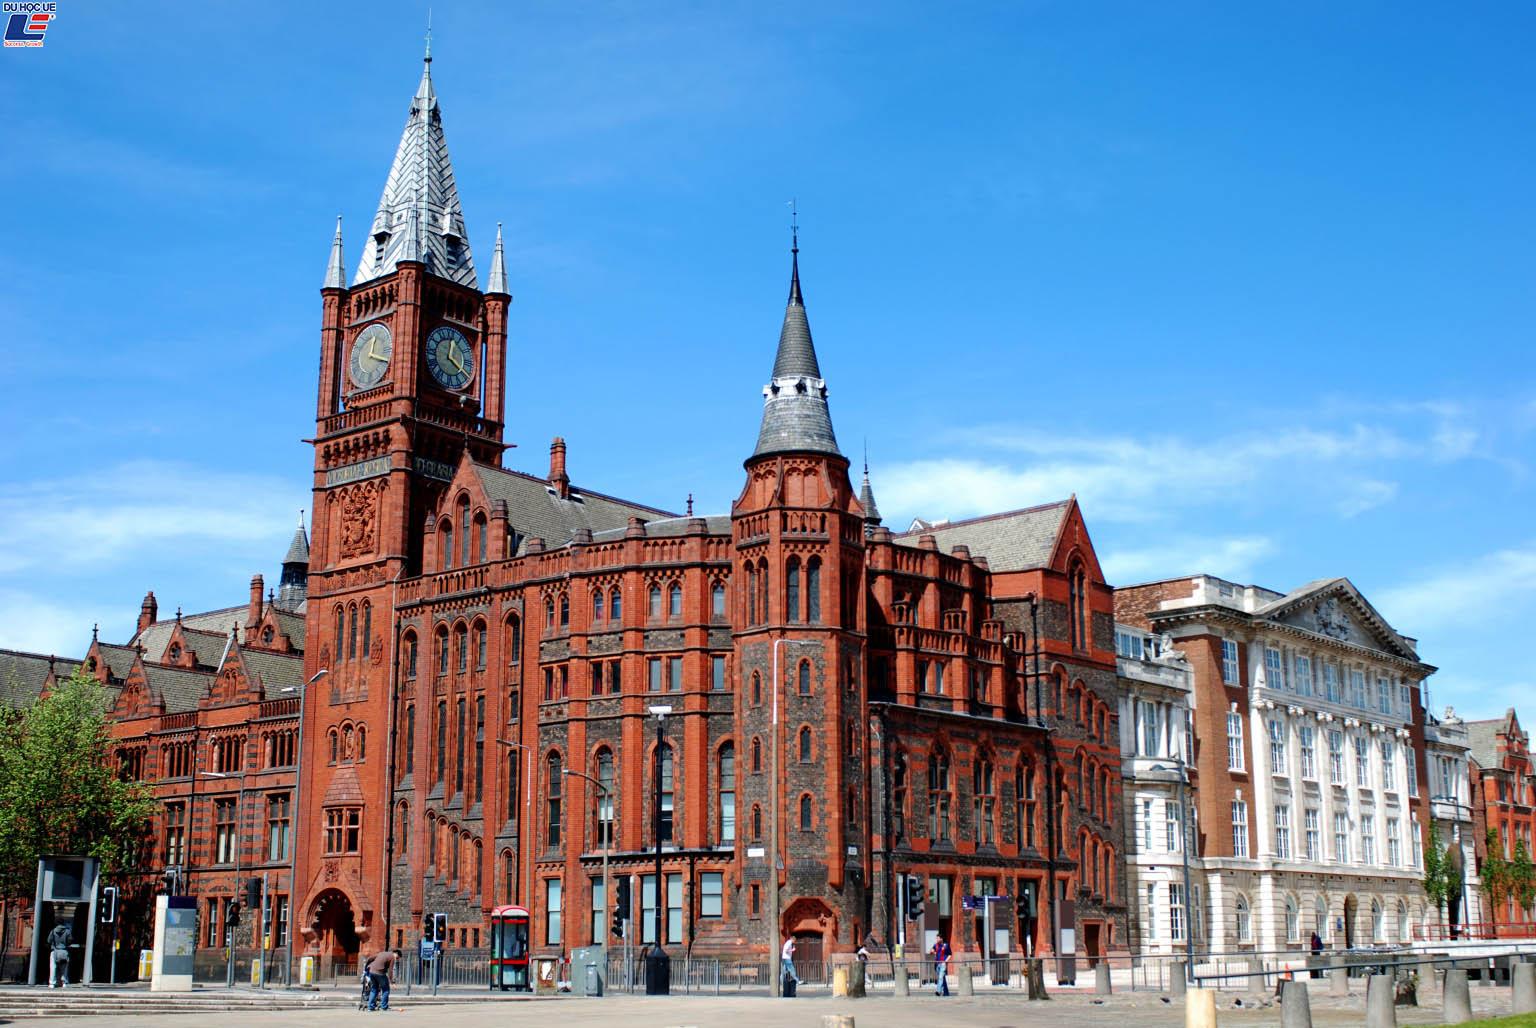 Đại học Liverpool: Bệ phóng sự nghiệp kinh doanh thể thao thành công